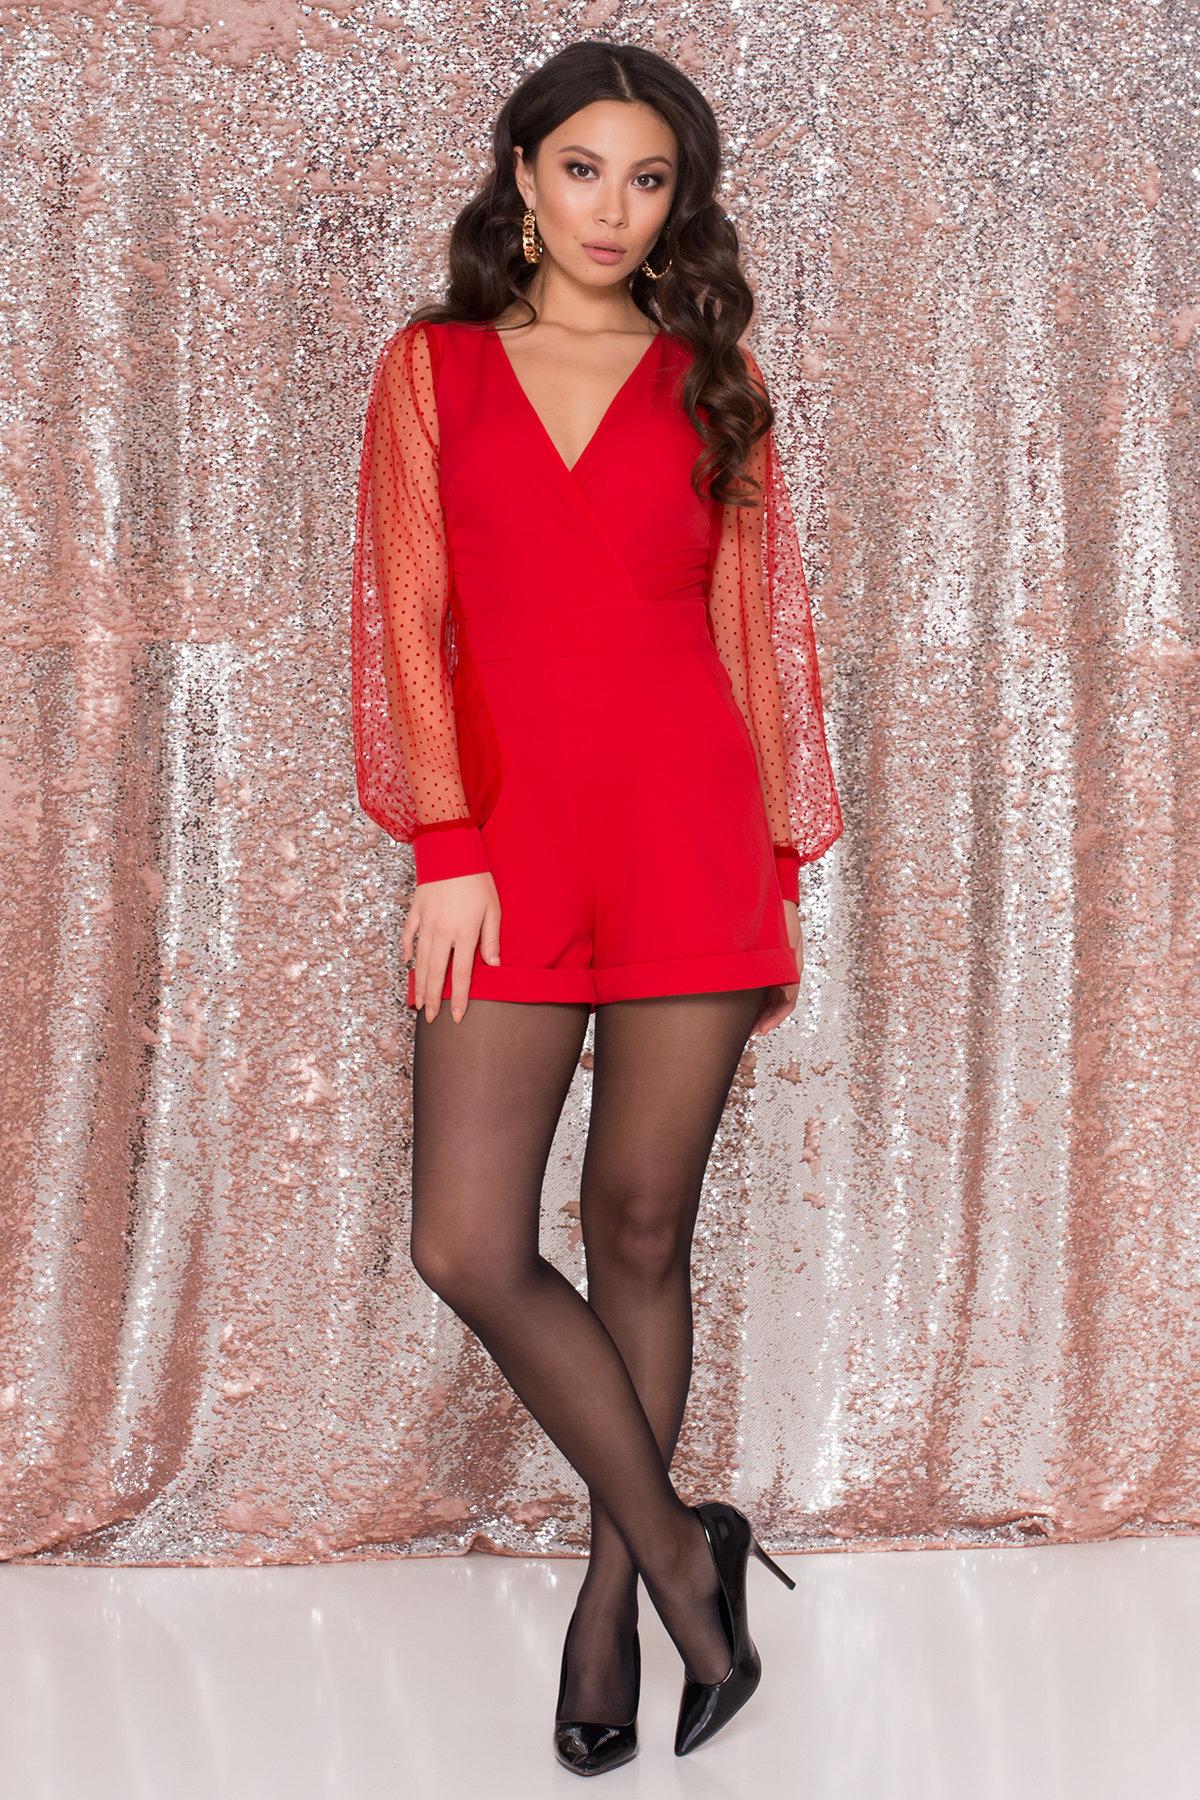 Купить комбинезон женский модный Стильный красный комбинезон с шортами Набель 8565